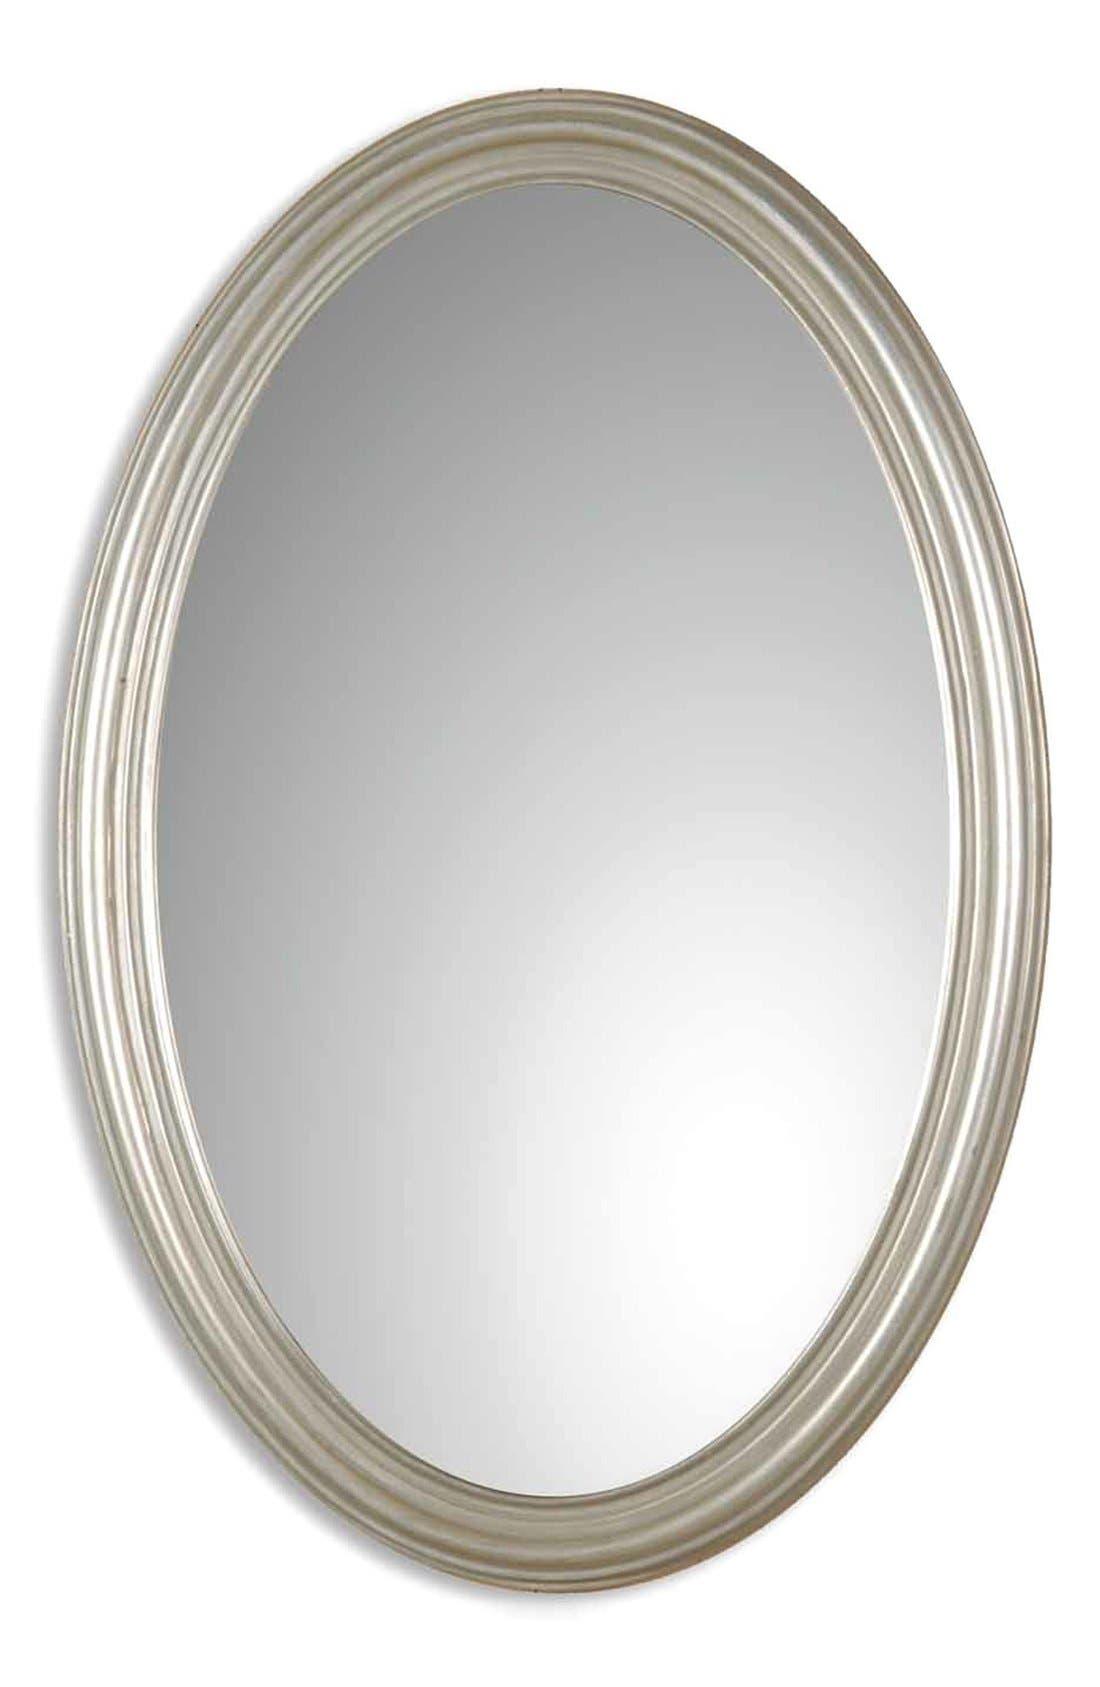 'Franklin' Wall Mirror,                             Main thumbnail 1, color,                             040